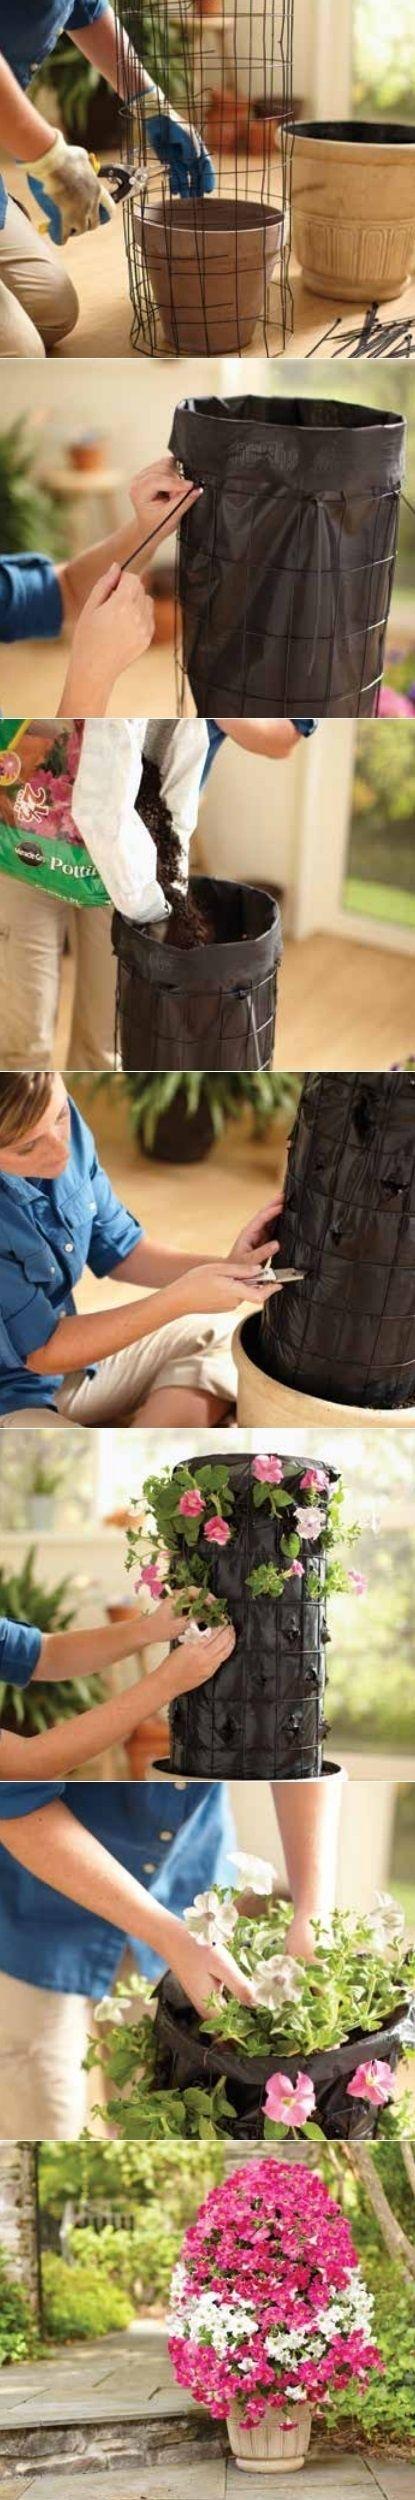 Wie macht man einen Blumen Turm.